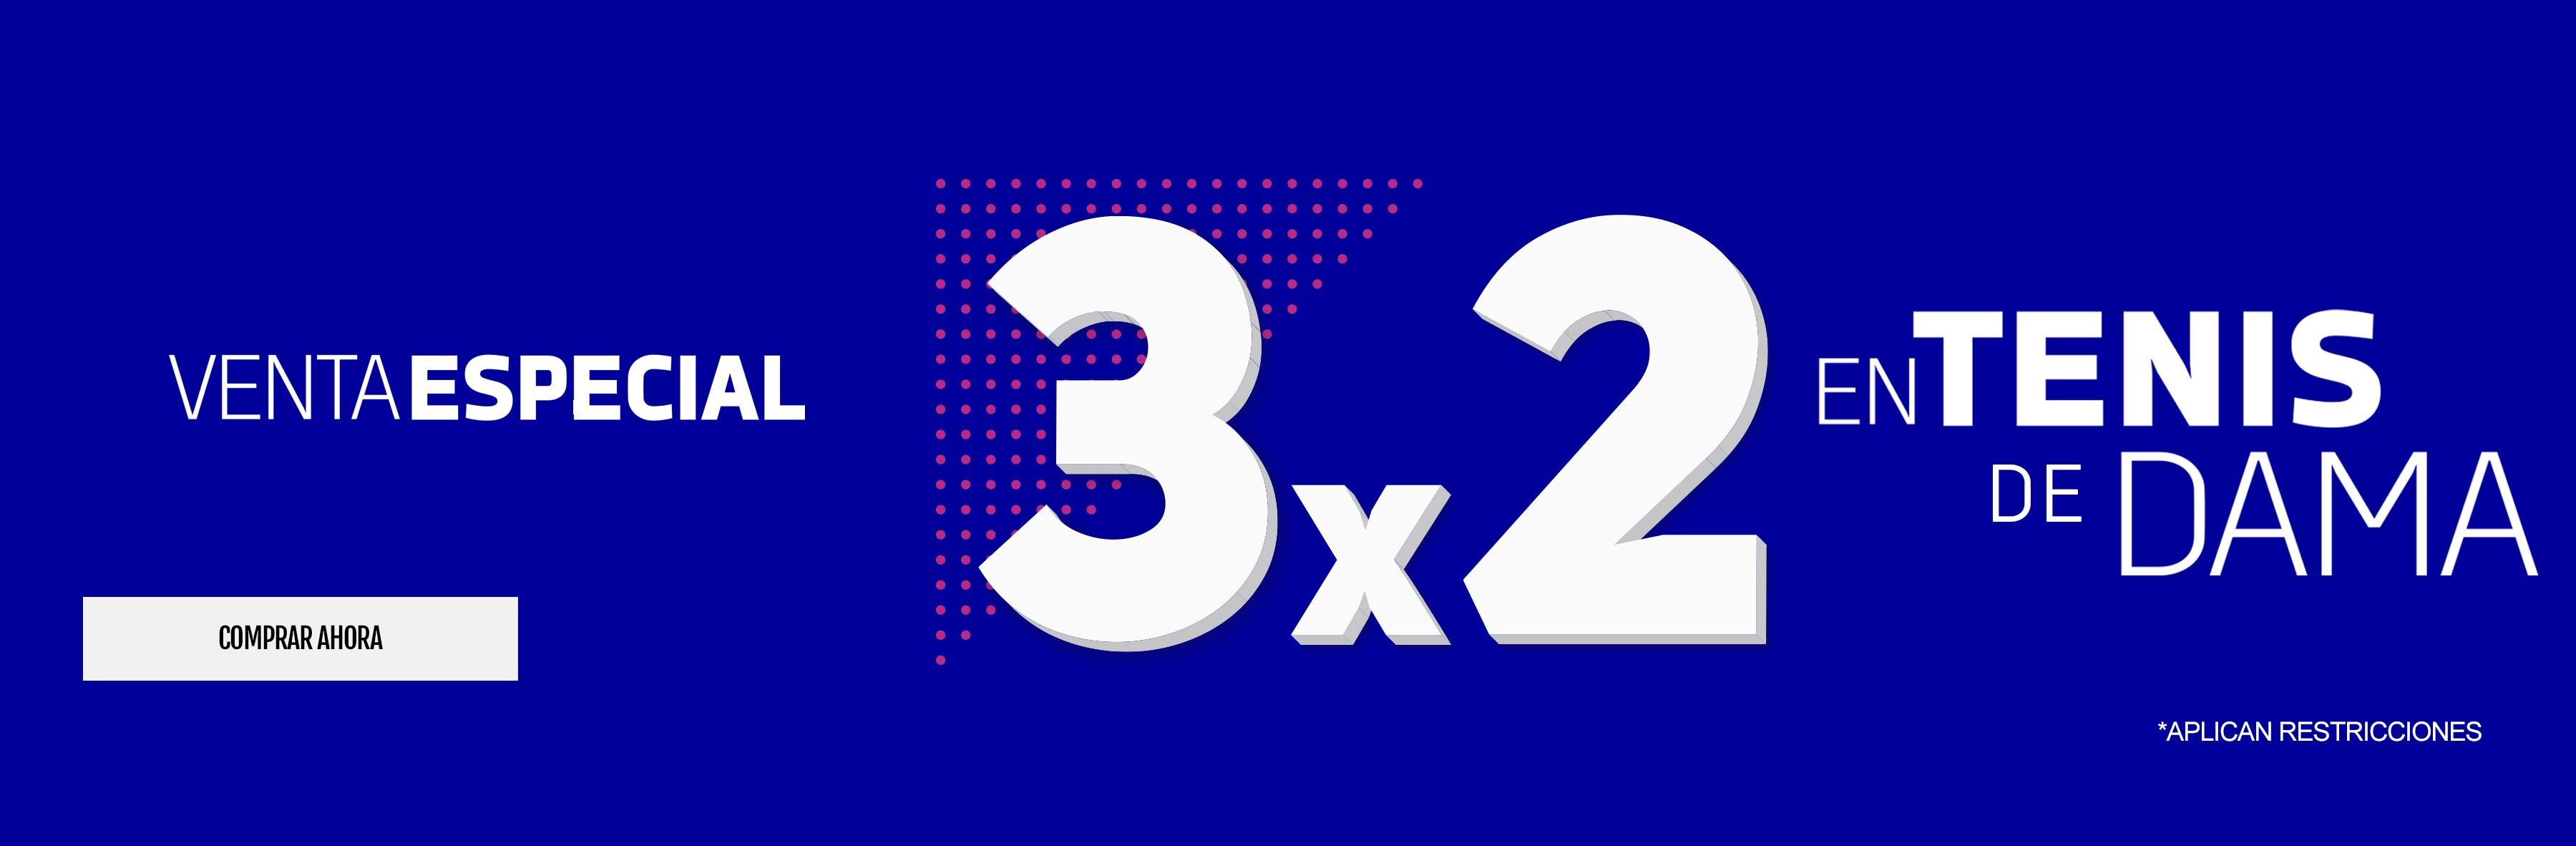 3x2 en tenis de dama